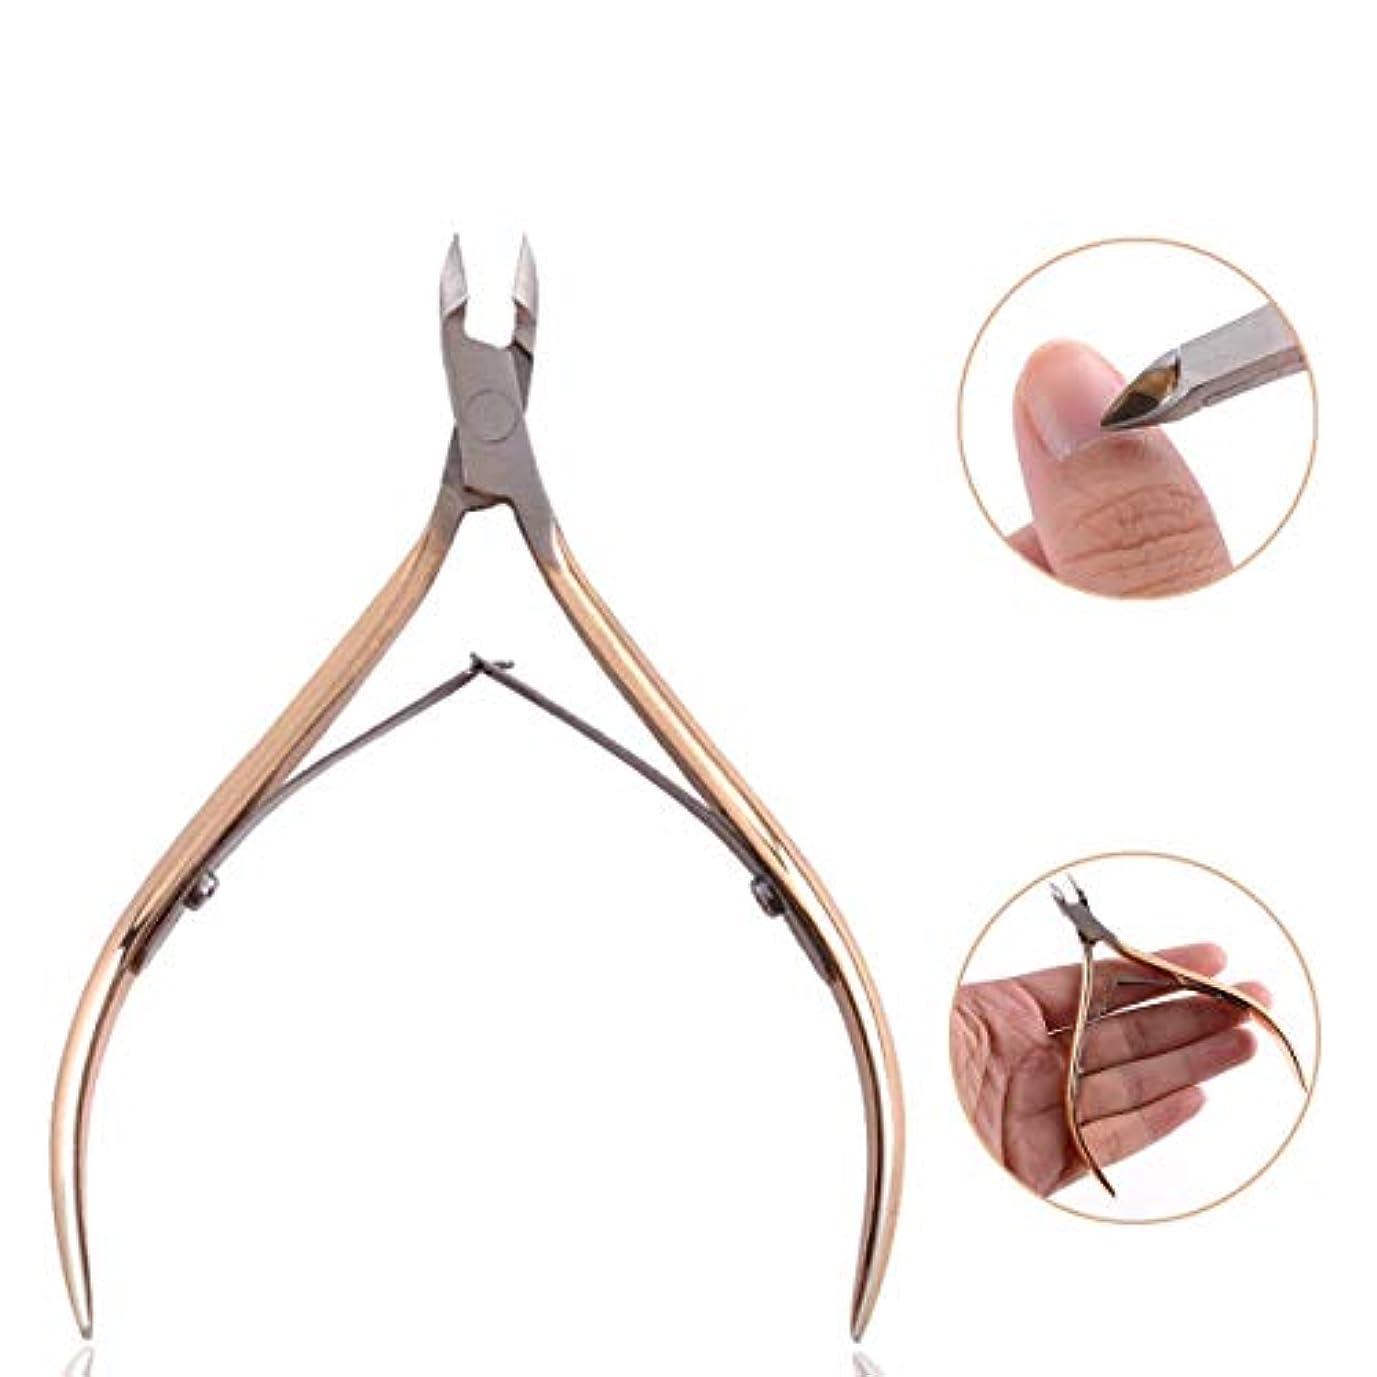 赤ちゃん臨検予備ニッパー爪切り 爪切り 甘皮切り ステンレス製 切れ味抜群 厚い爪 変形爪 陥入爪 巻き爪に 水虫爪最適 高齢者 医療 介護 高品質 ギフト